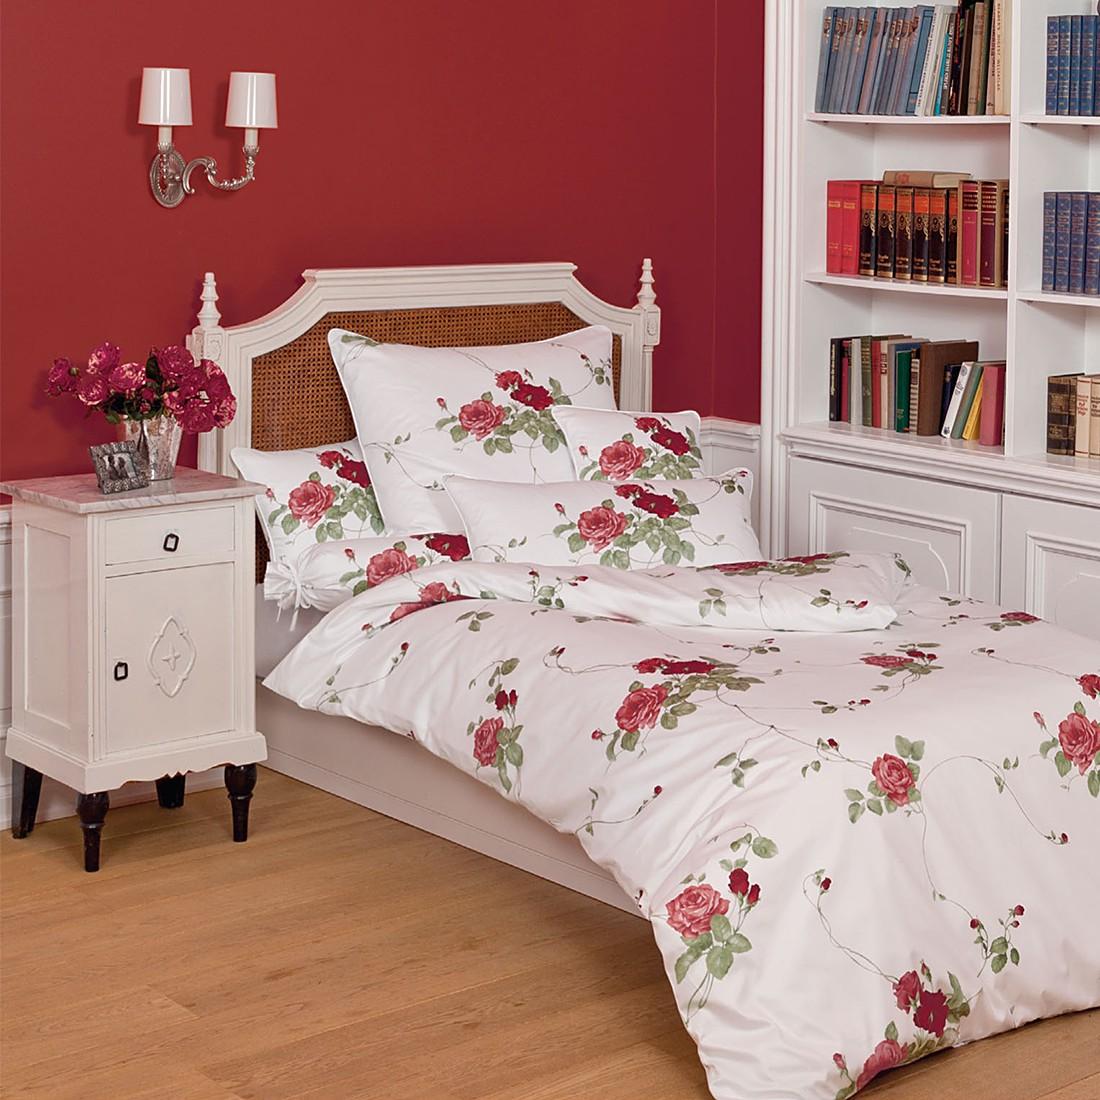 Mako-Satin-Bettwäsche ROMANTICO – Rote Rosen – 135 cm x 200 cm, Janine jetzt kaufen